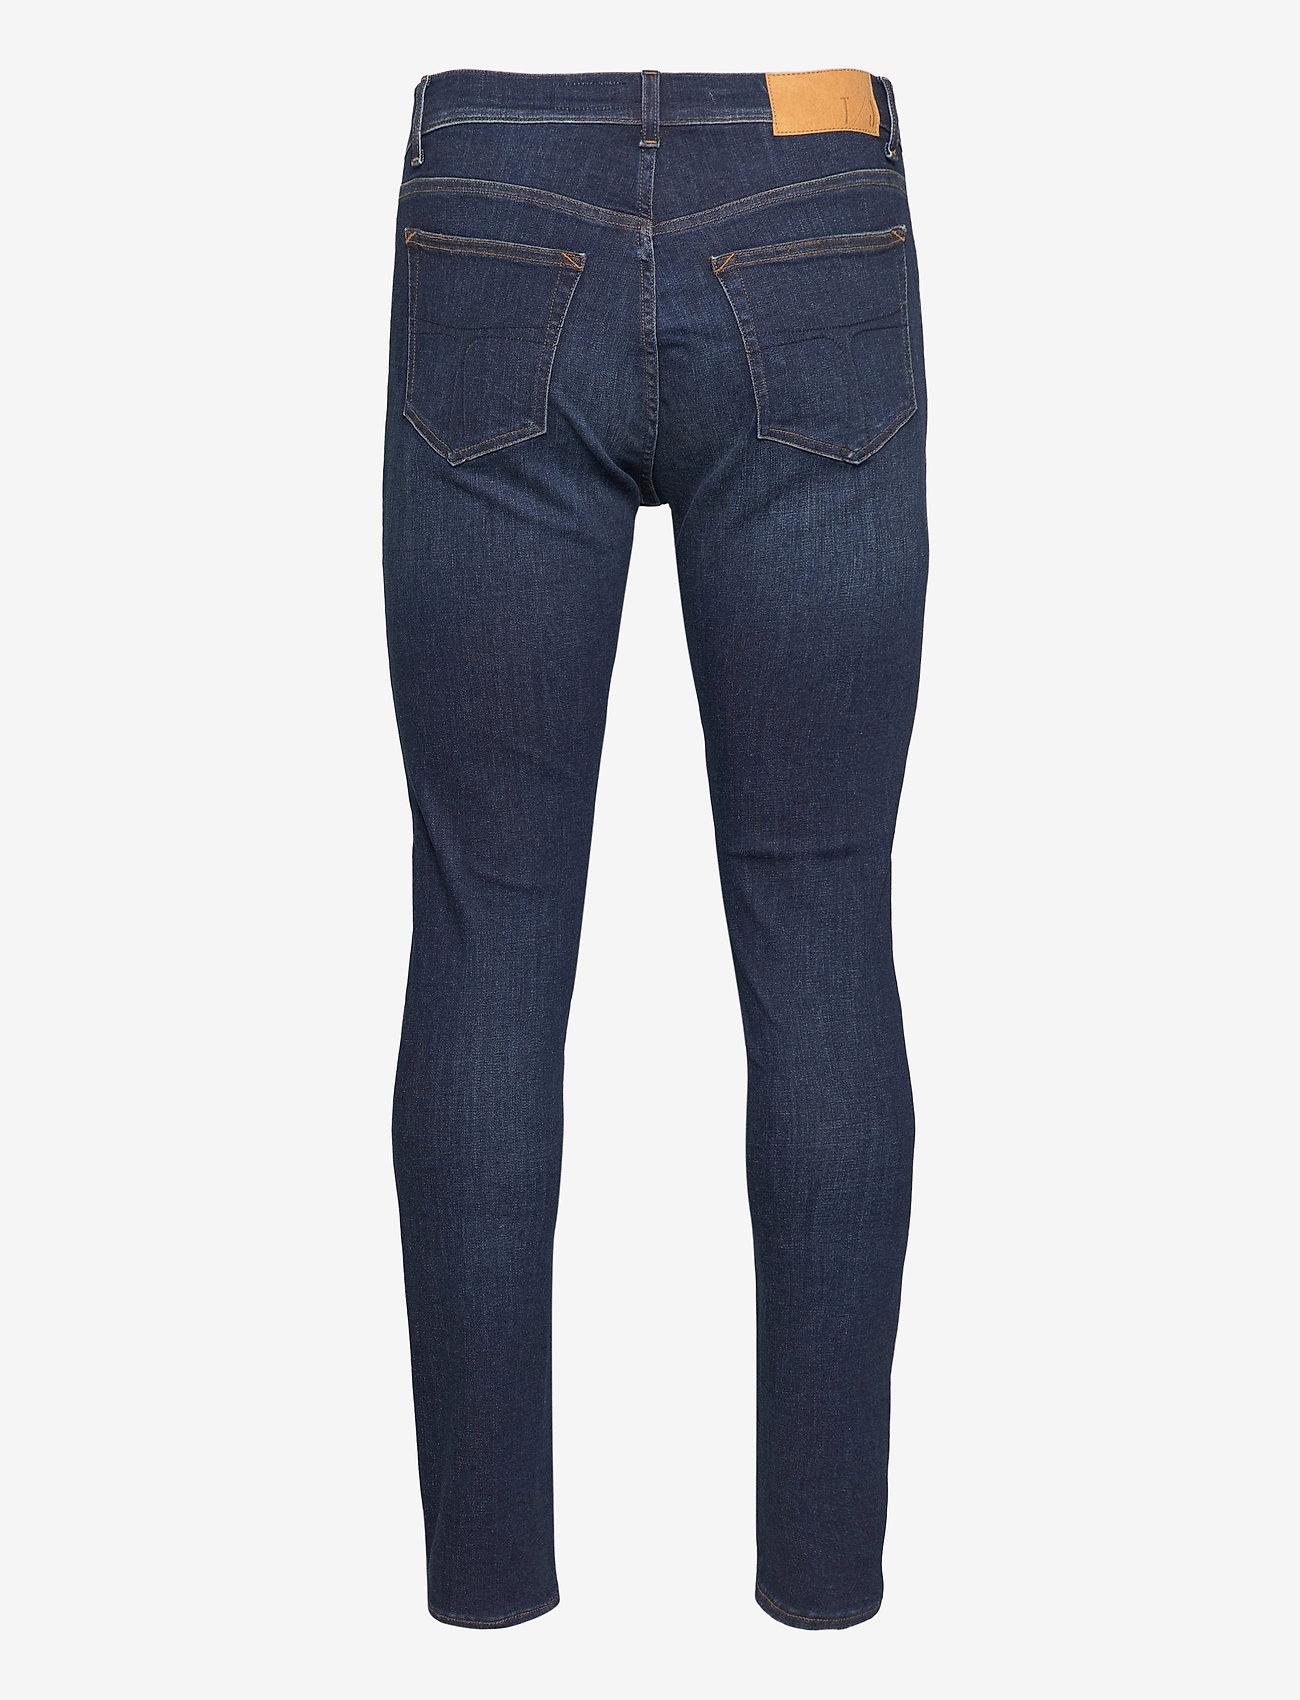 Tiger of Sweden Jeans LEON - Jeans ROYAL BLUE - Menn Klær